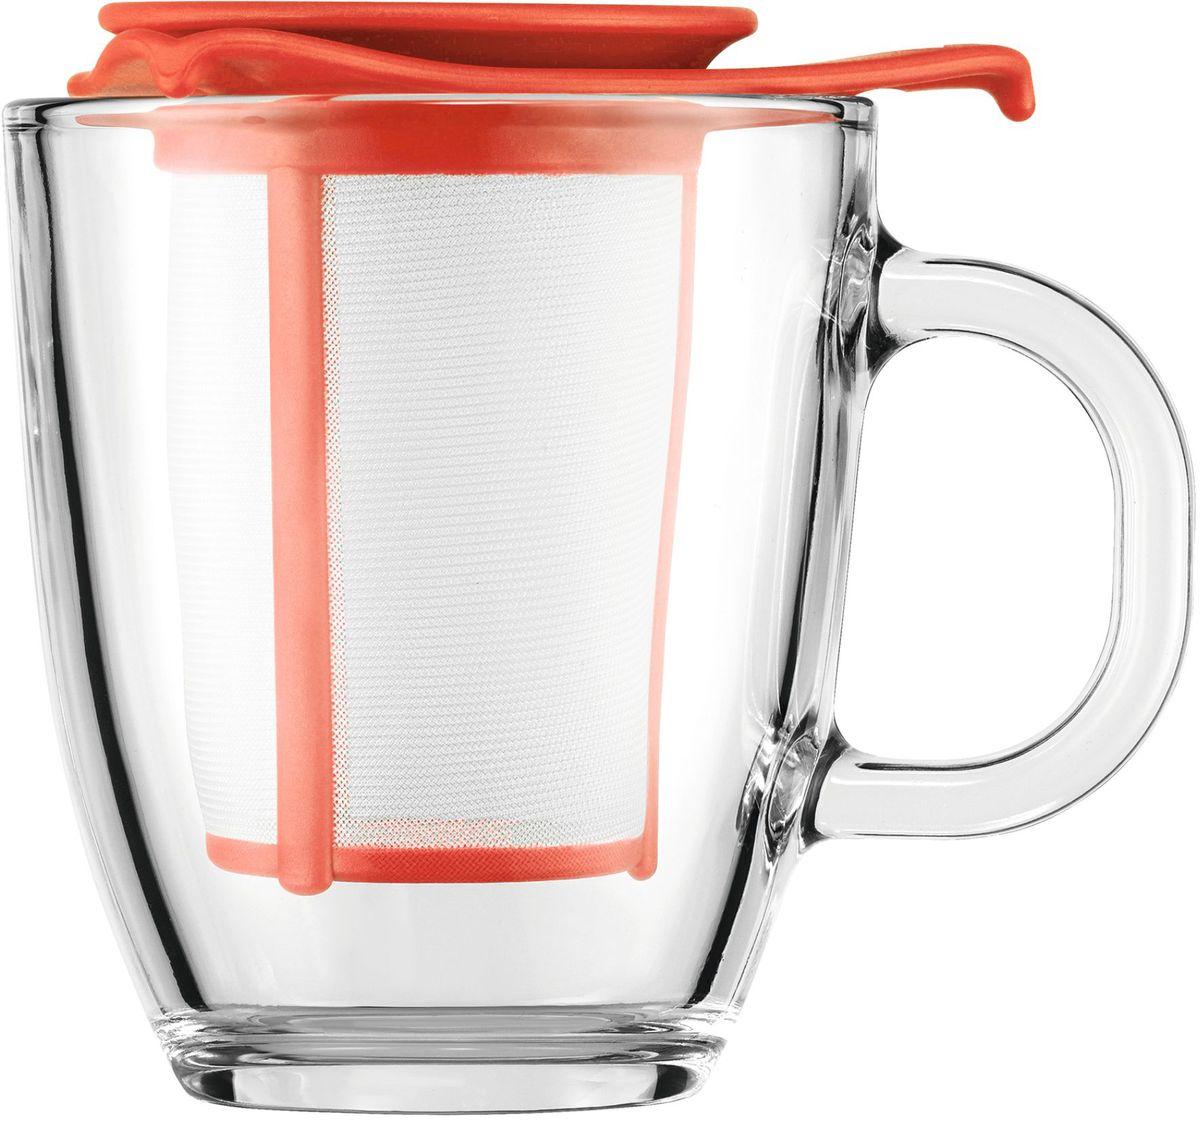 Набор кружек с фильтром Bodum YO-YO, цвет: красный. AK11239-137-Y16AK11239-137-Y16Набор кружек с фильтром Bodum YO-YO - это удобная возможность заварить ароматный вкусный чай любого сорта на одну персону. Объемная кружка Yo-Yo имеет фильтр, в который засыпается чай. Как и в заварочный чайник, наливаем в кружку кипяток и плотно накрываем ее крышкой. Через прозрачное боросиликатное стекло можно наблюдать, как красиво заваривается чай. Когда процесс приготовления окончен, фильтр можно поставить на крышку и наслаждаться любимым напитком.